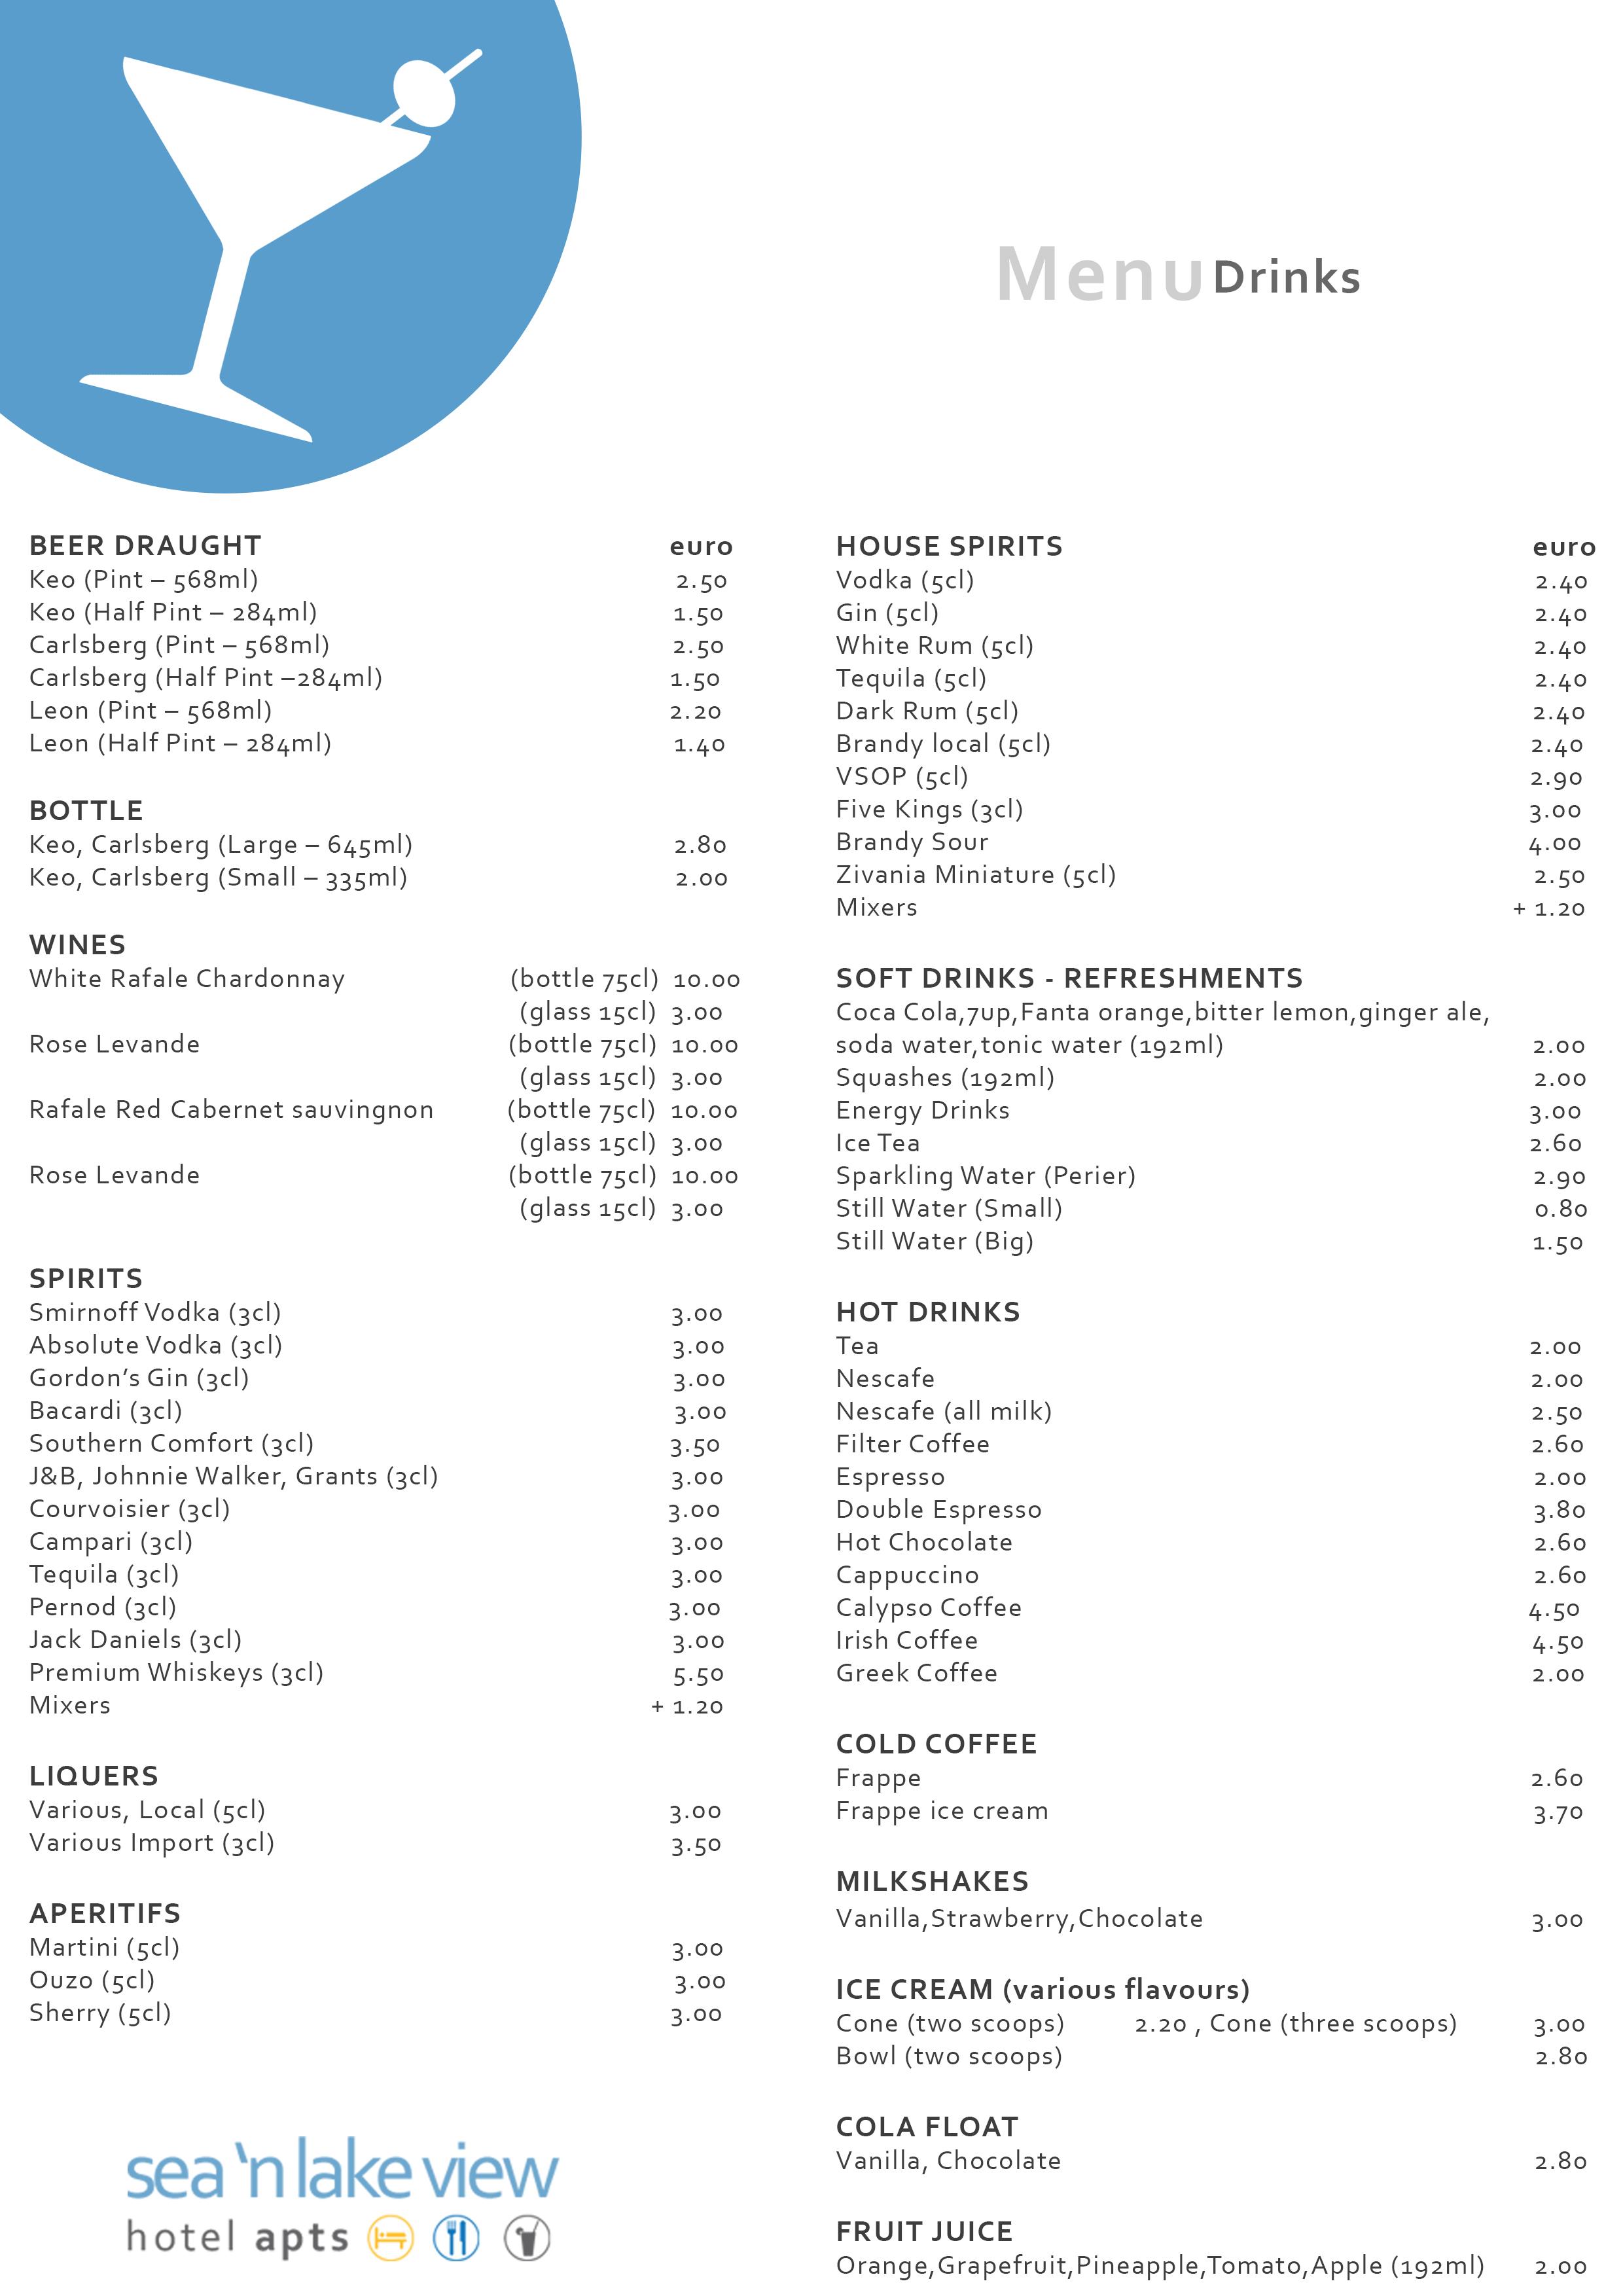 sea n lake menu drinks